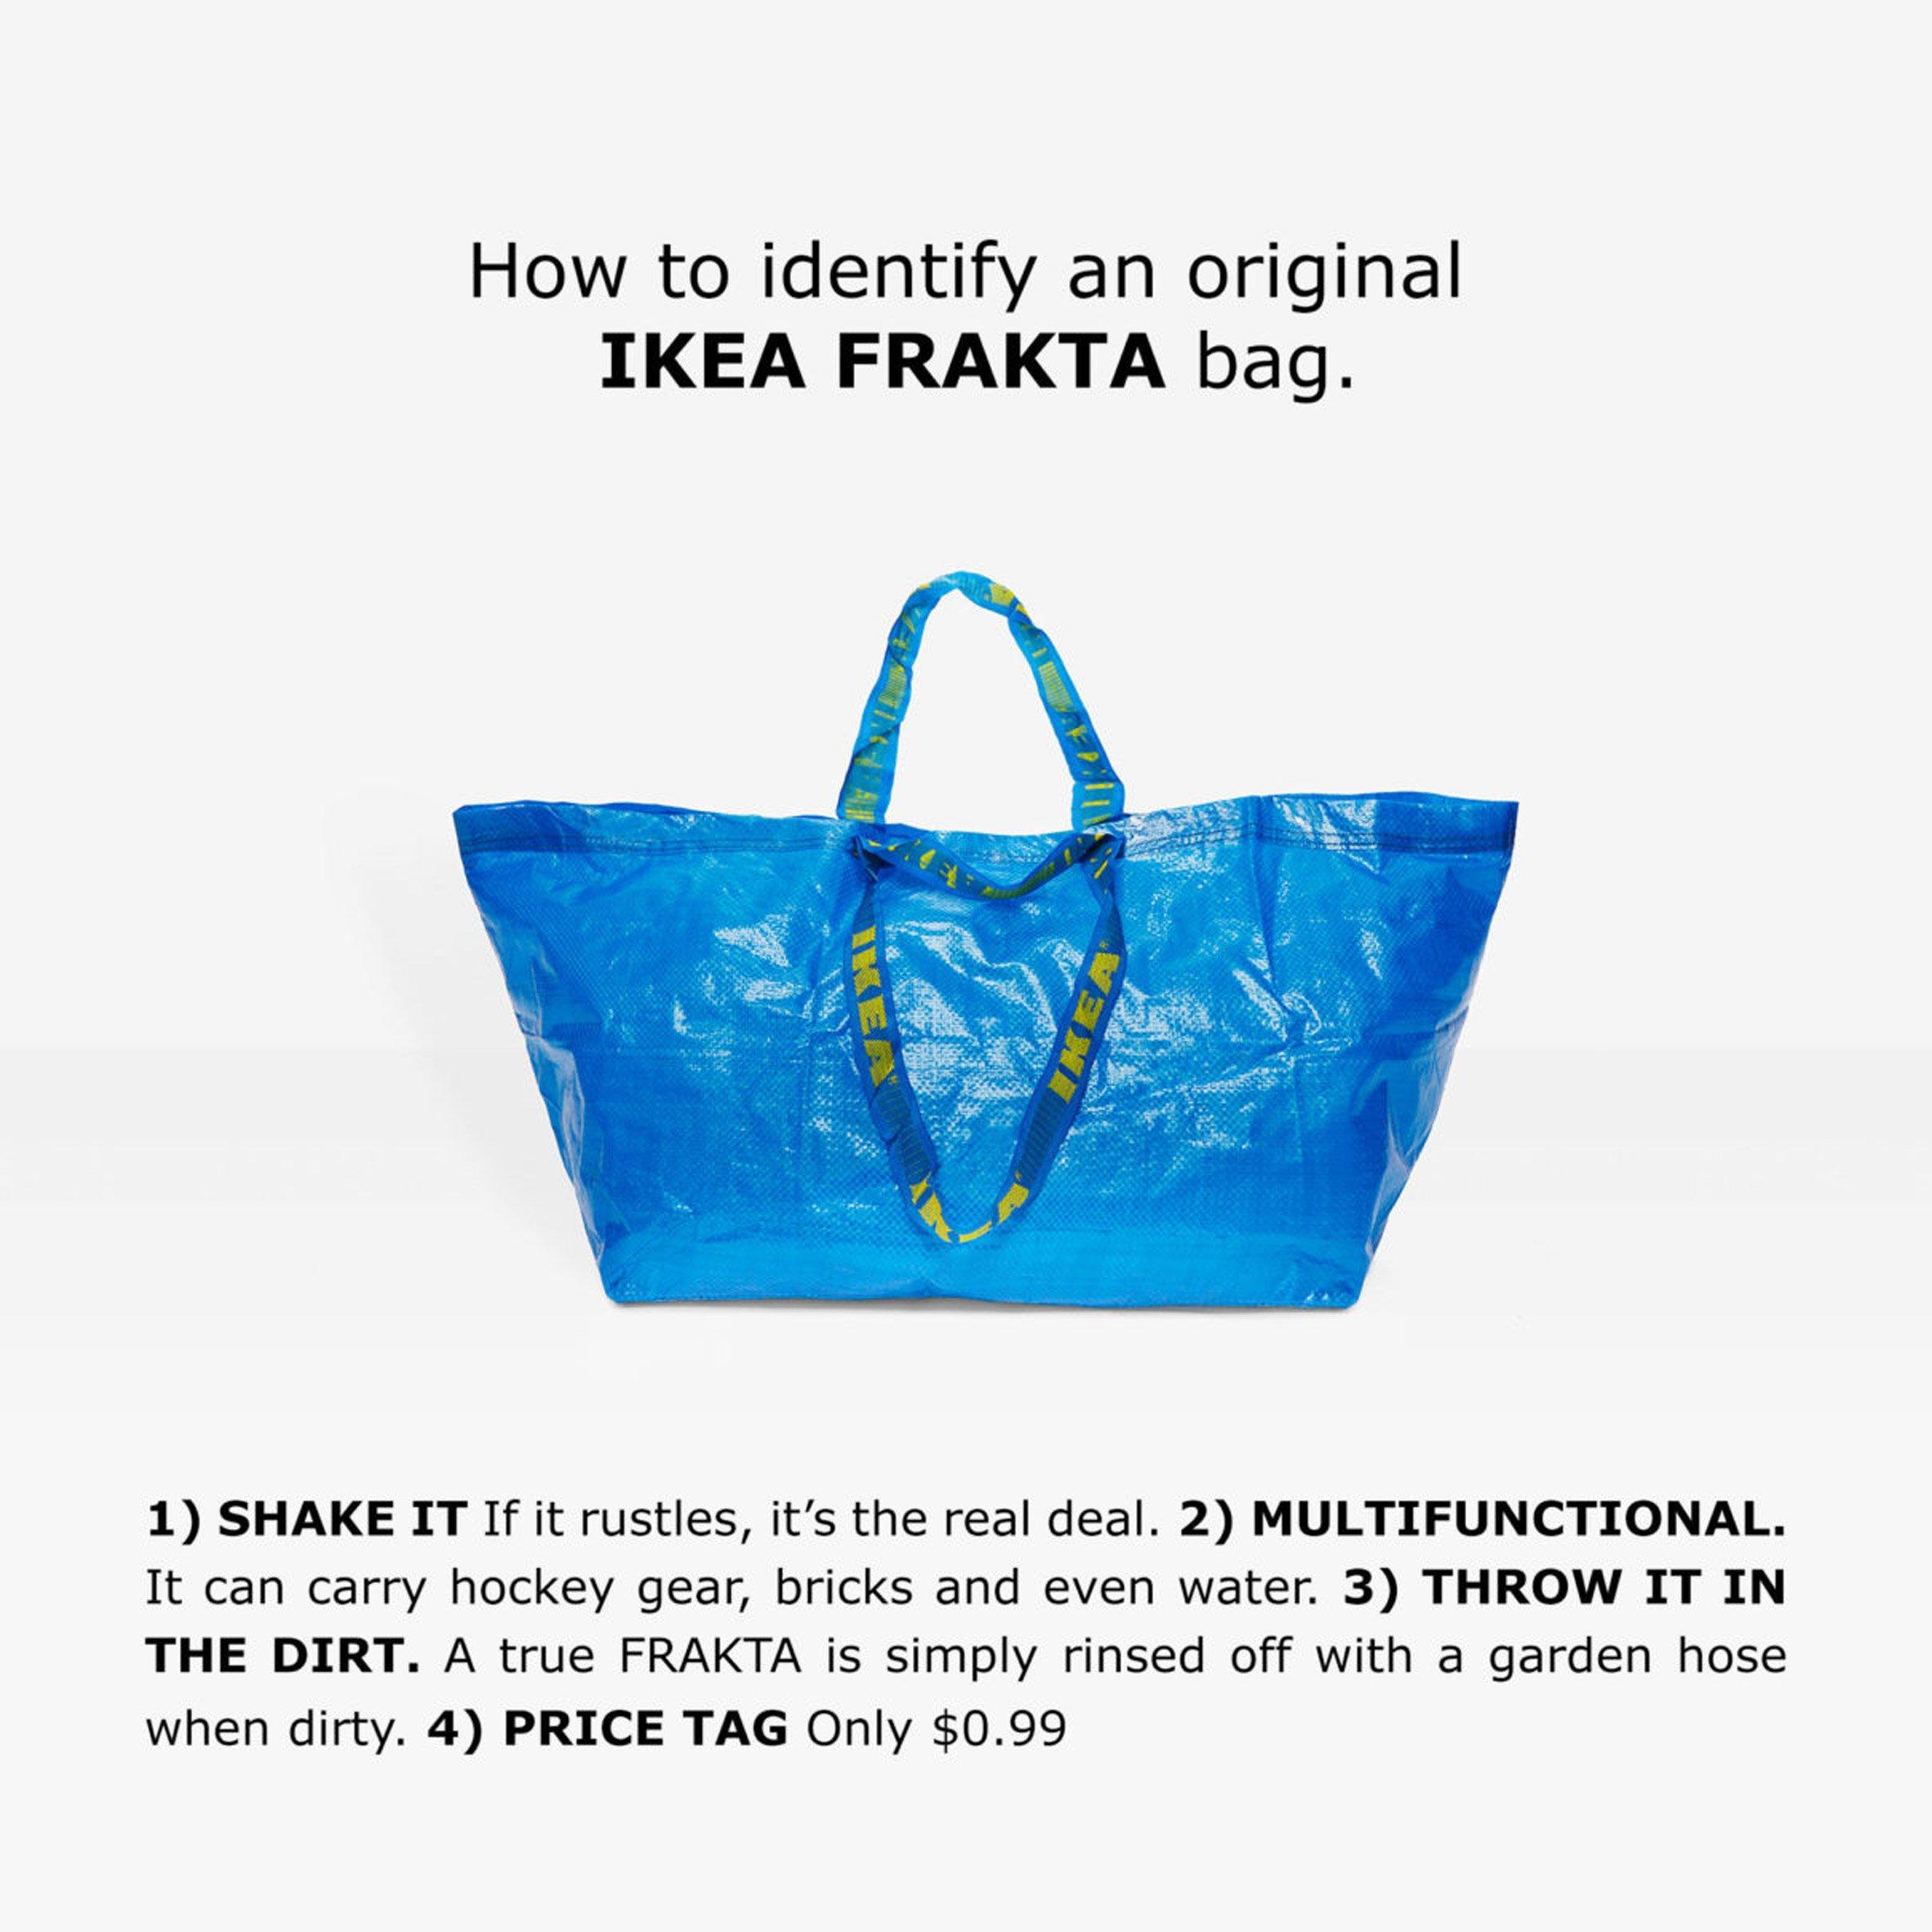 L'ironica risposta di Ikea alla trovata di Balenciaga